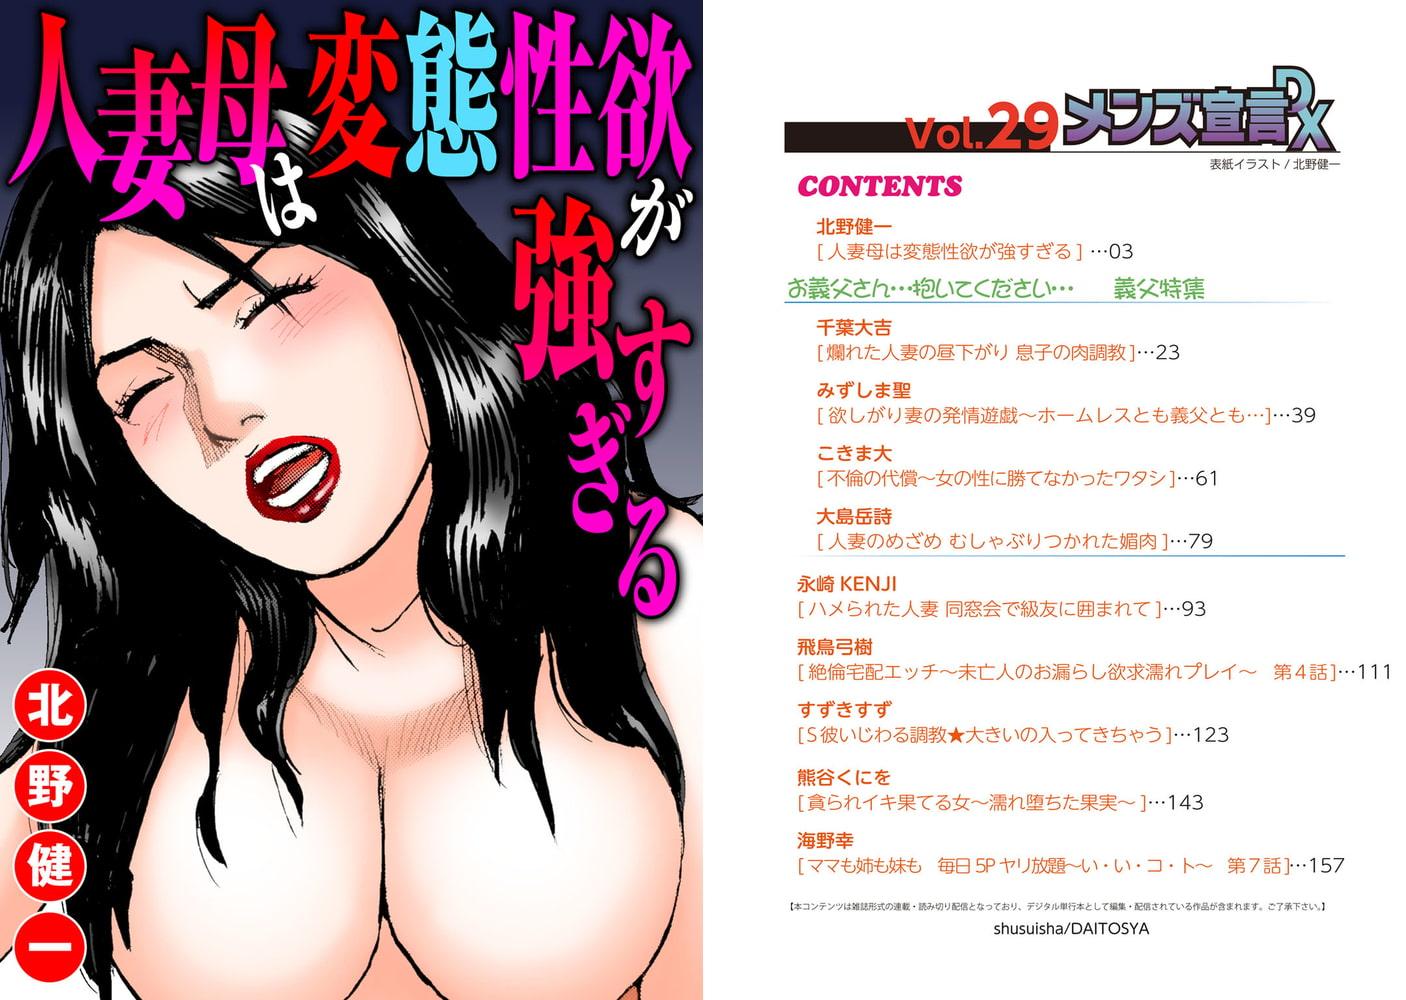 メンズ宣言DX Vol.29